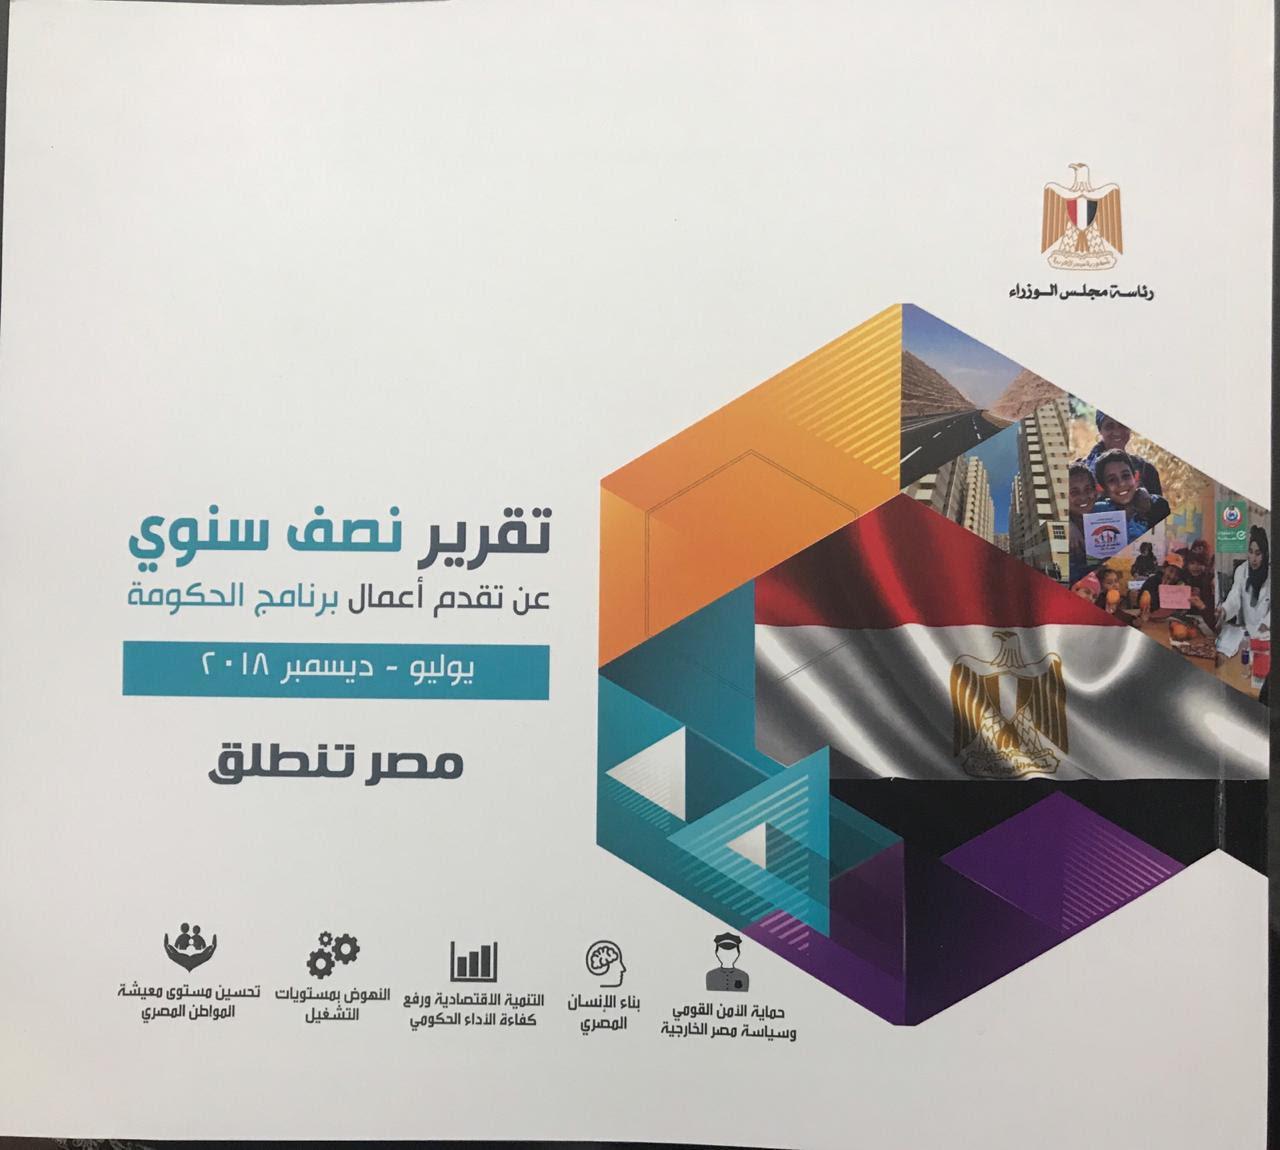 مجلس الوزراء يسلم للبرلمان تقريرا نصف سنوى عن تقدم أعمال برنامج الحكومة فى الأشهر الستة الأولى